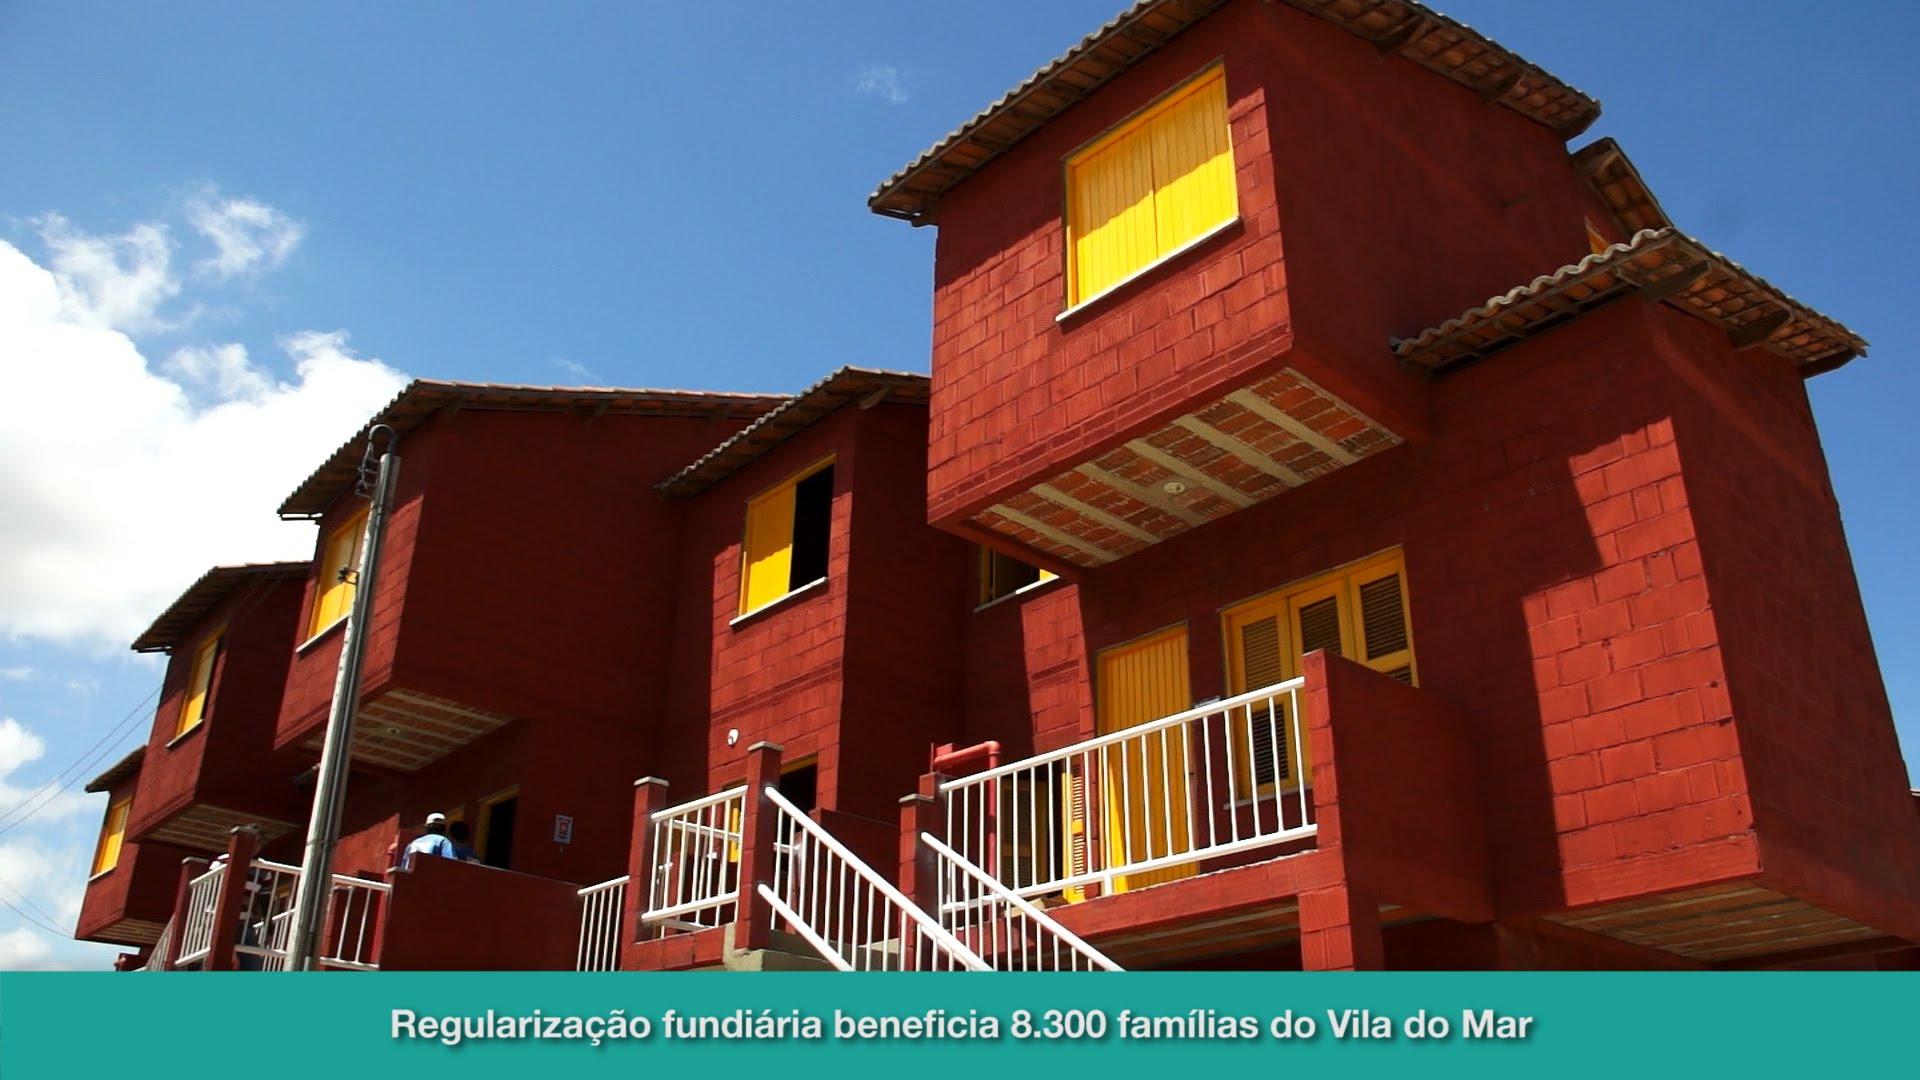 Vila do Mar (VDM)